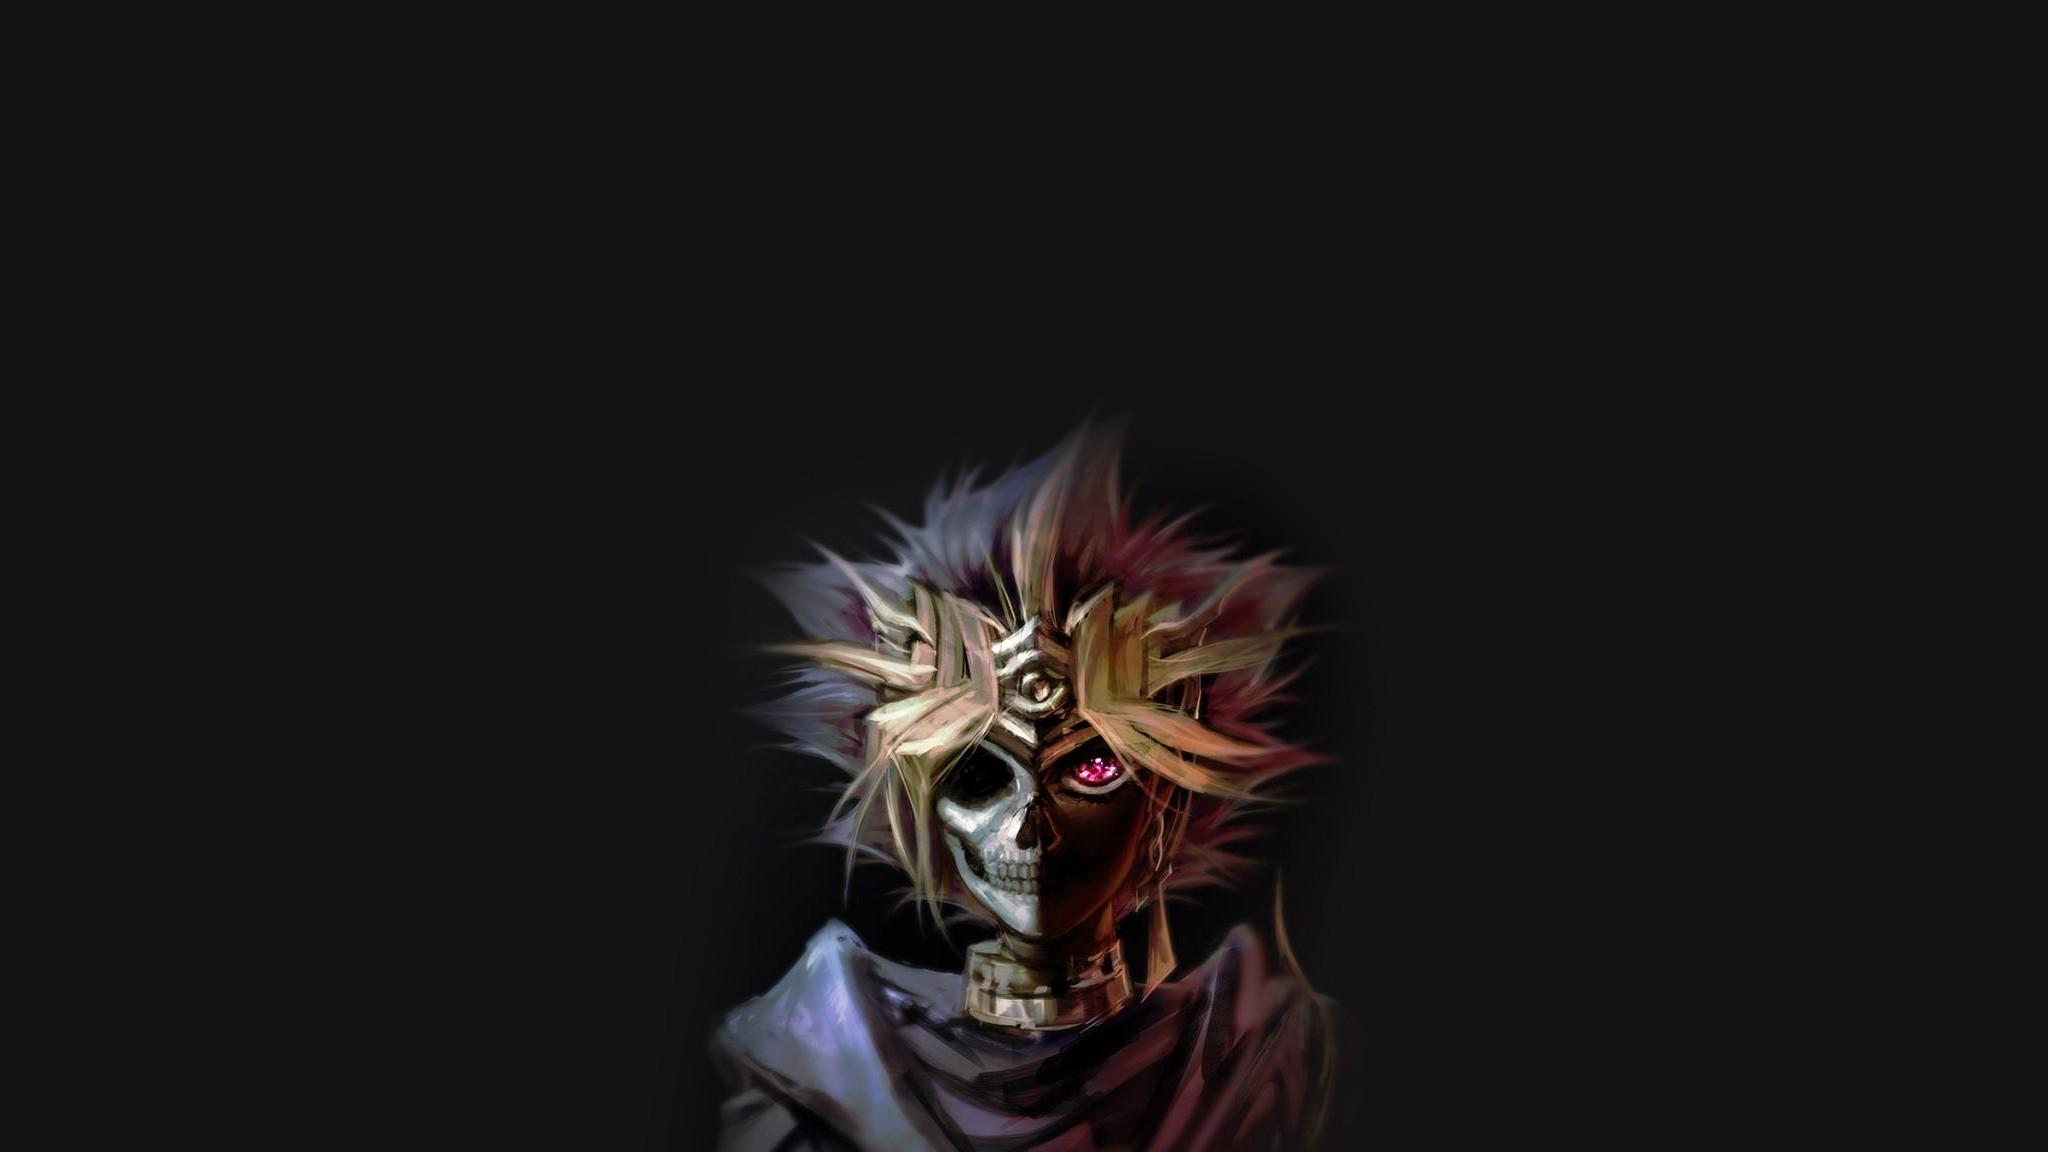 Yu Gi Oh Yami Yugi Skull Cape Yu Gi Oh 22655 Hd